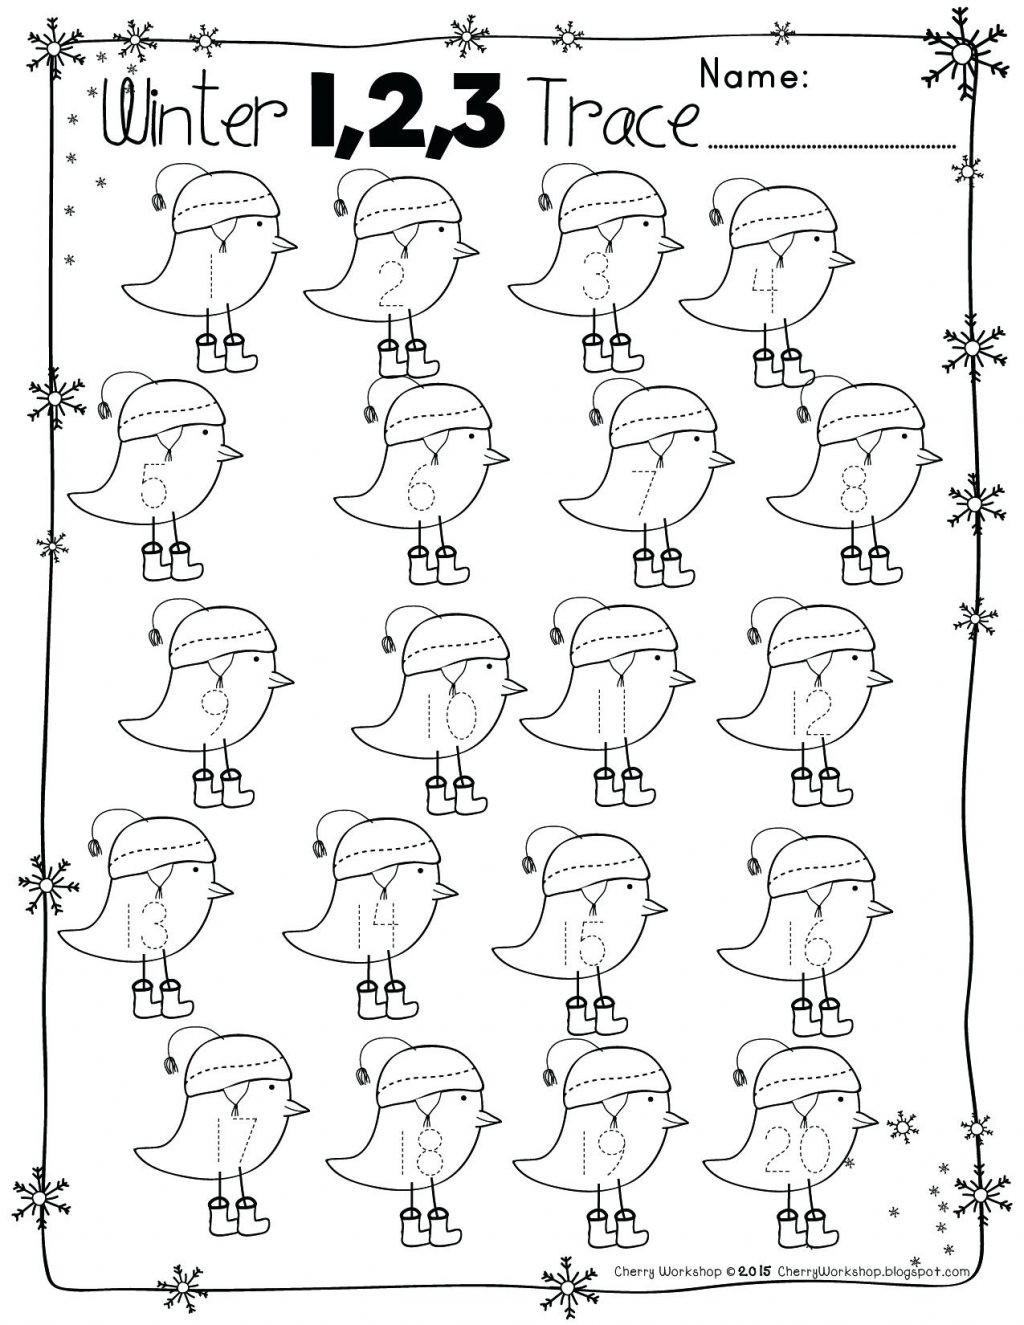 Sensational Winter Math Worksheets 2nd Grade Second Themed